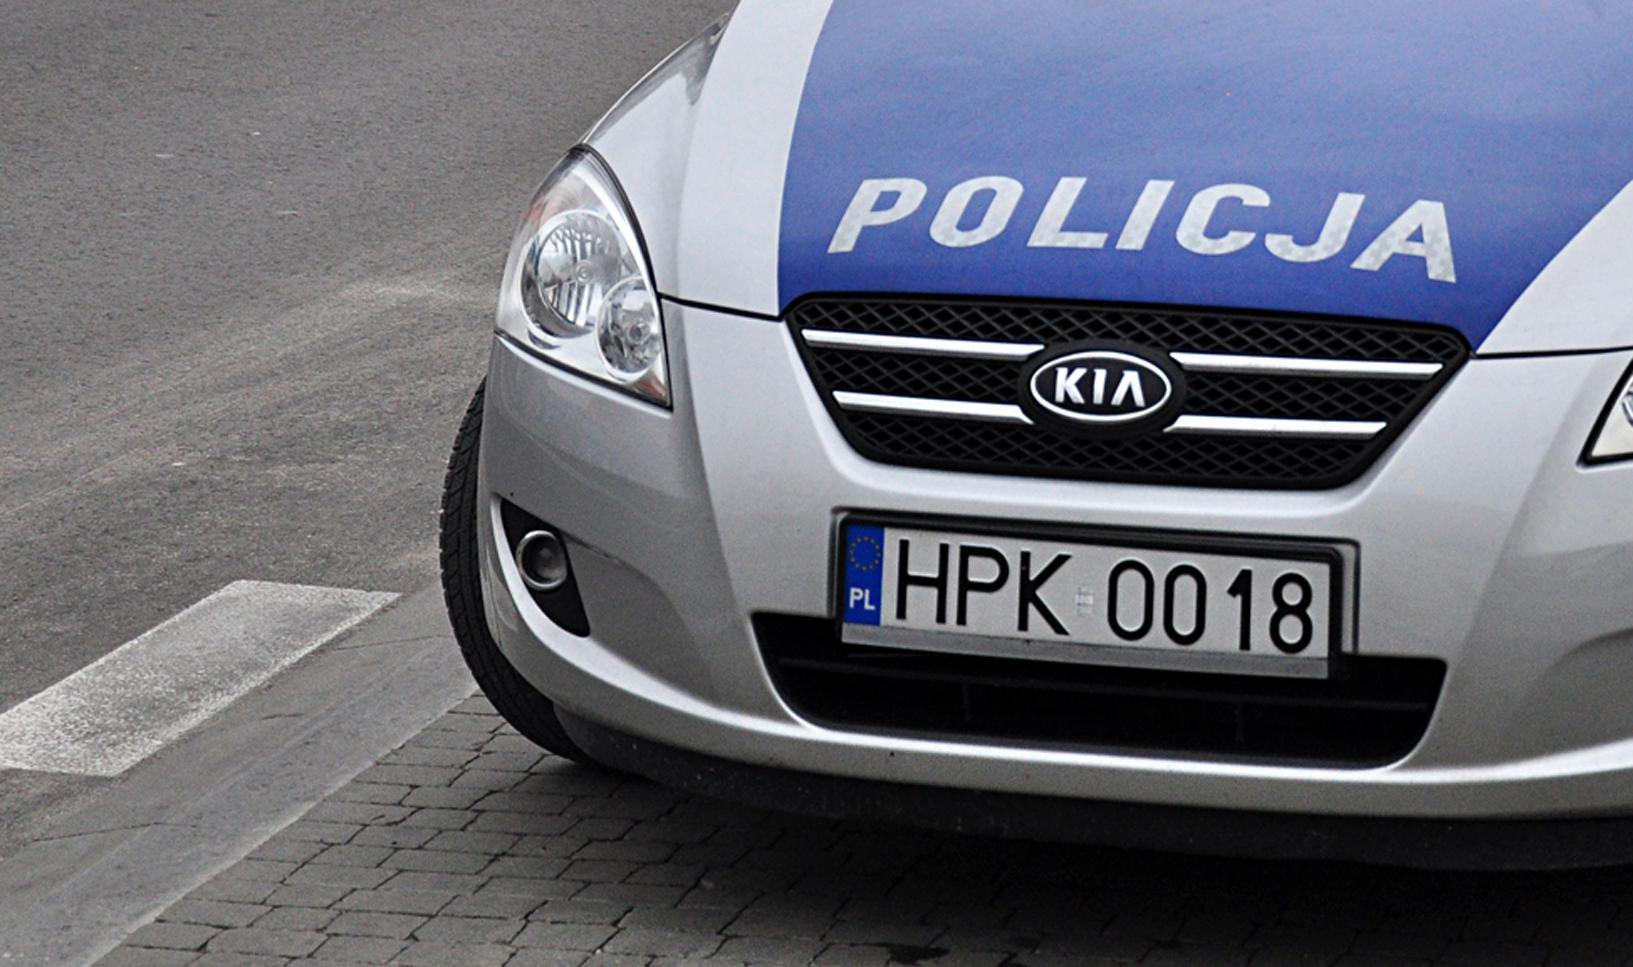 POWIAT KOLBUSZOWSKI. Sarna w policyjny radiowóz  - Zdjęcie główne